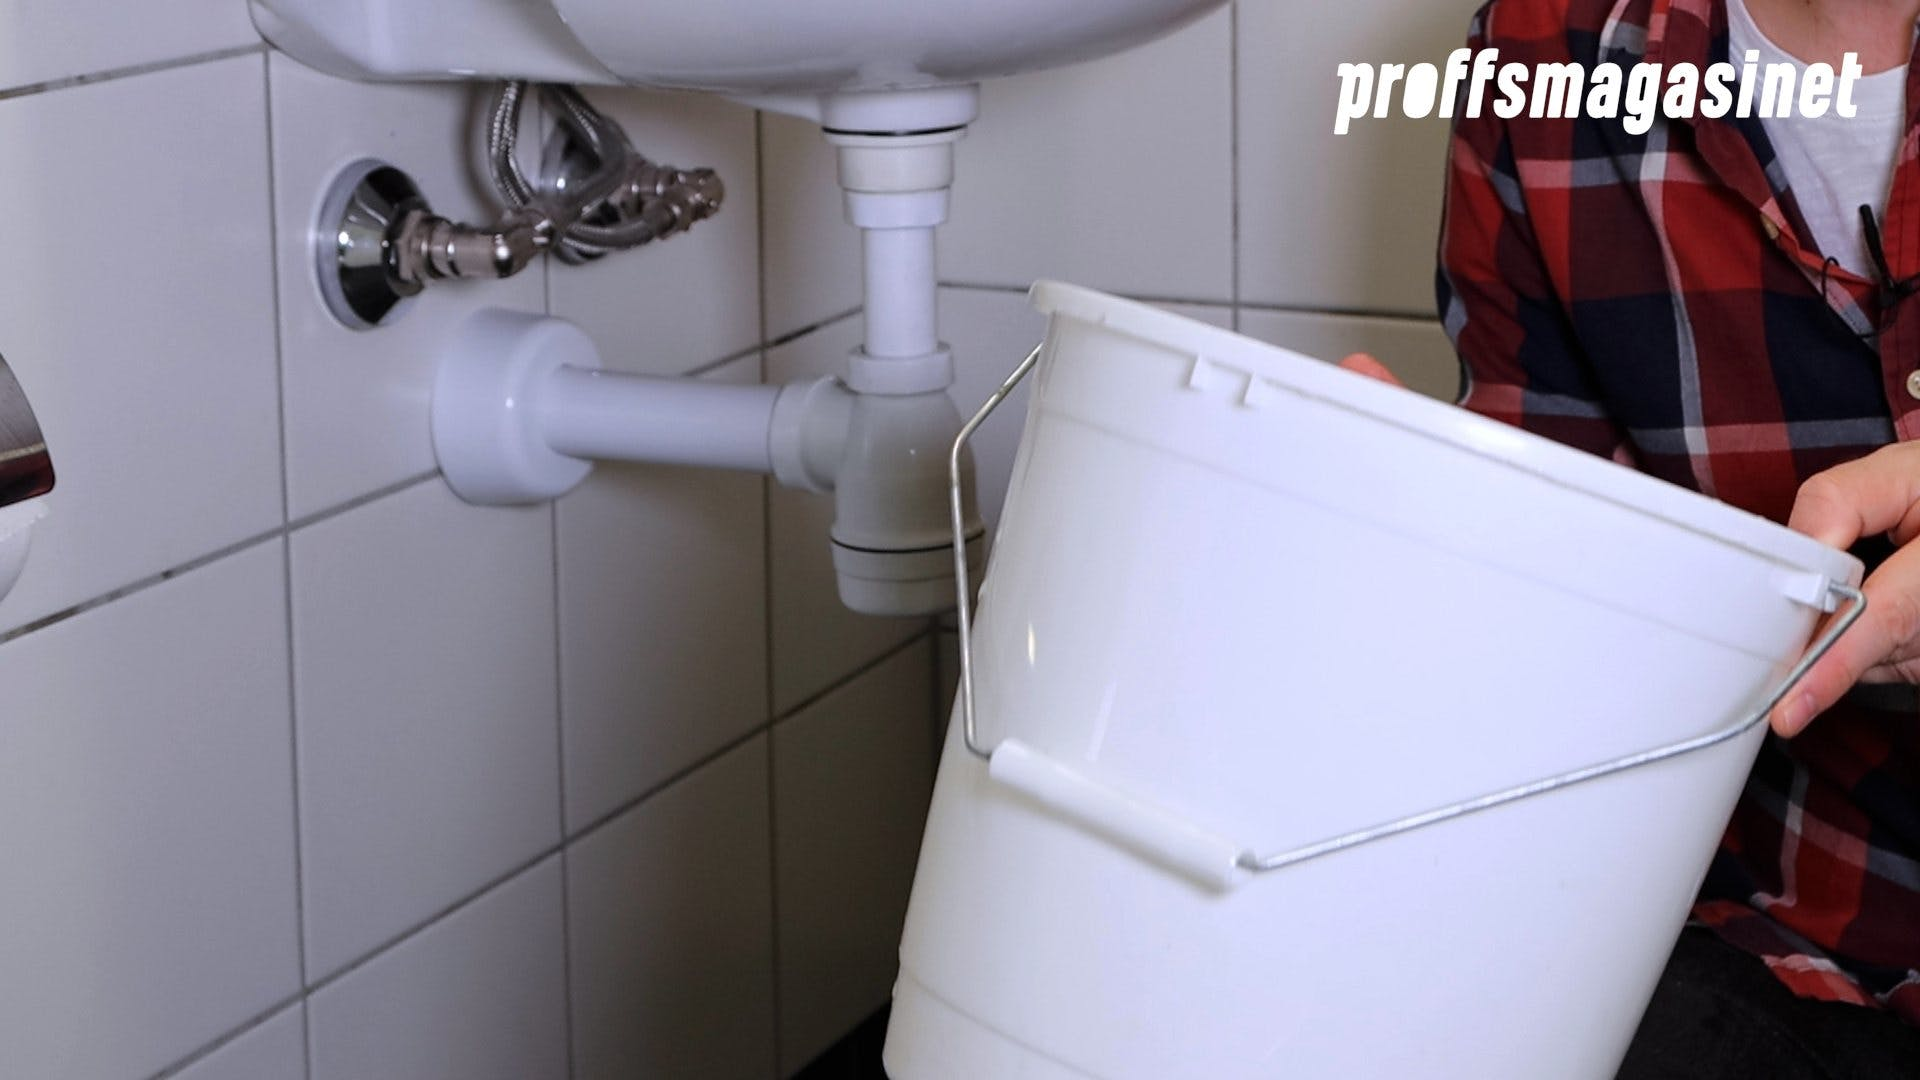 När du ska rengöra ditt vattenlås behöver du en hink.